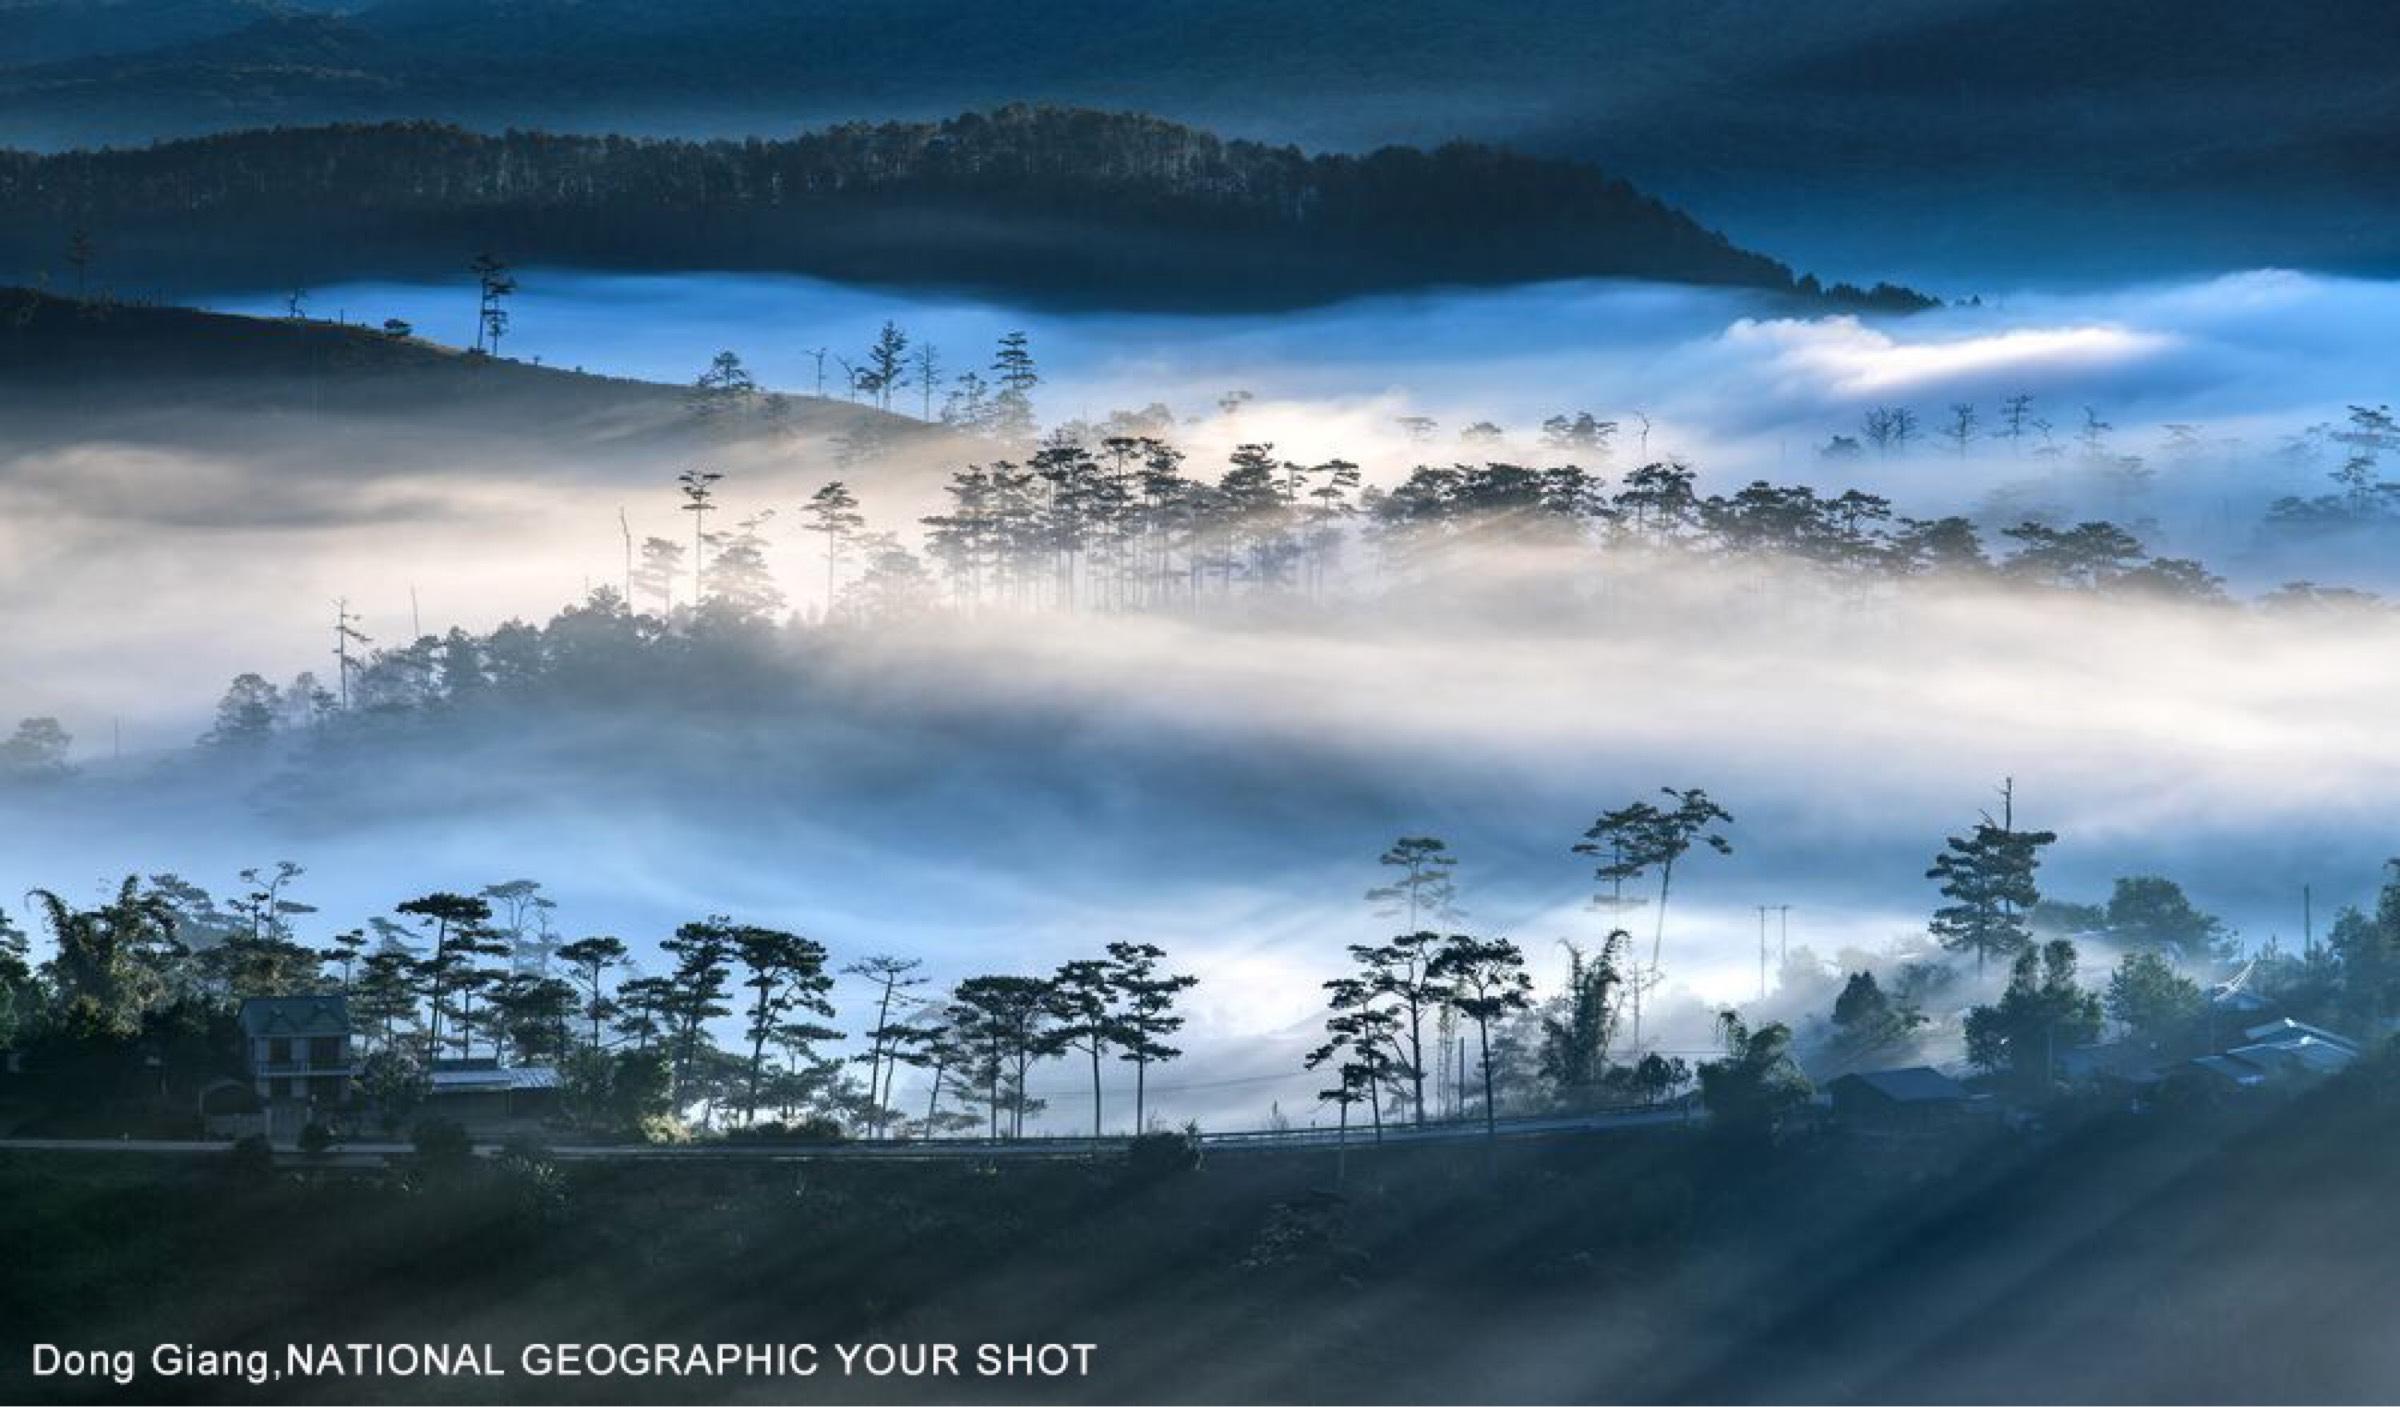 分享一些国家地理杂志的精选照片